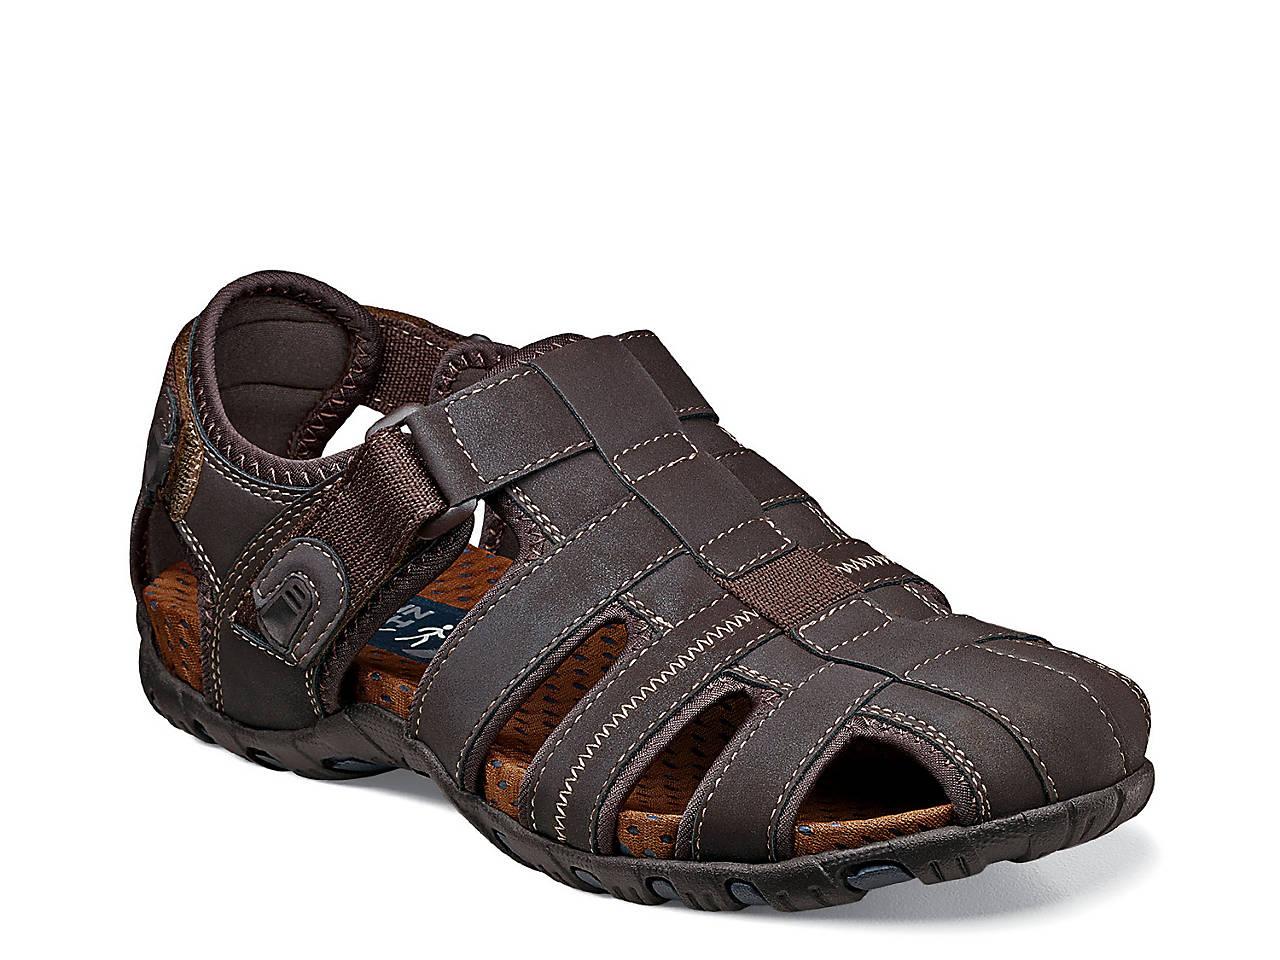 3e4df902c4bf Nunn Bush Rio Bravo Fisherman Sandal Men s Shoes